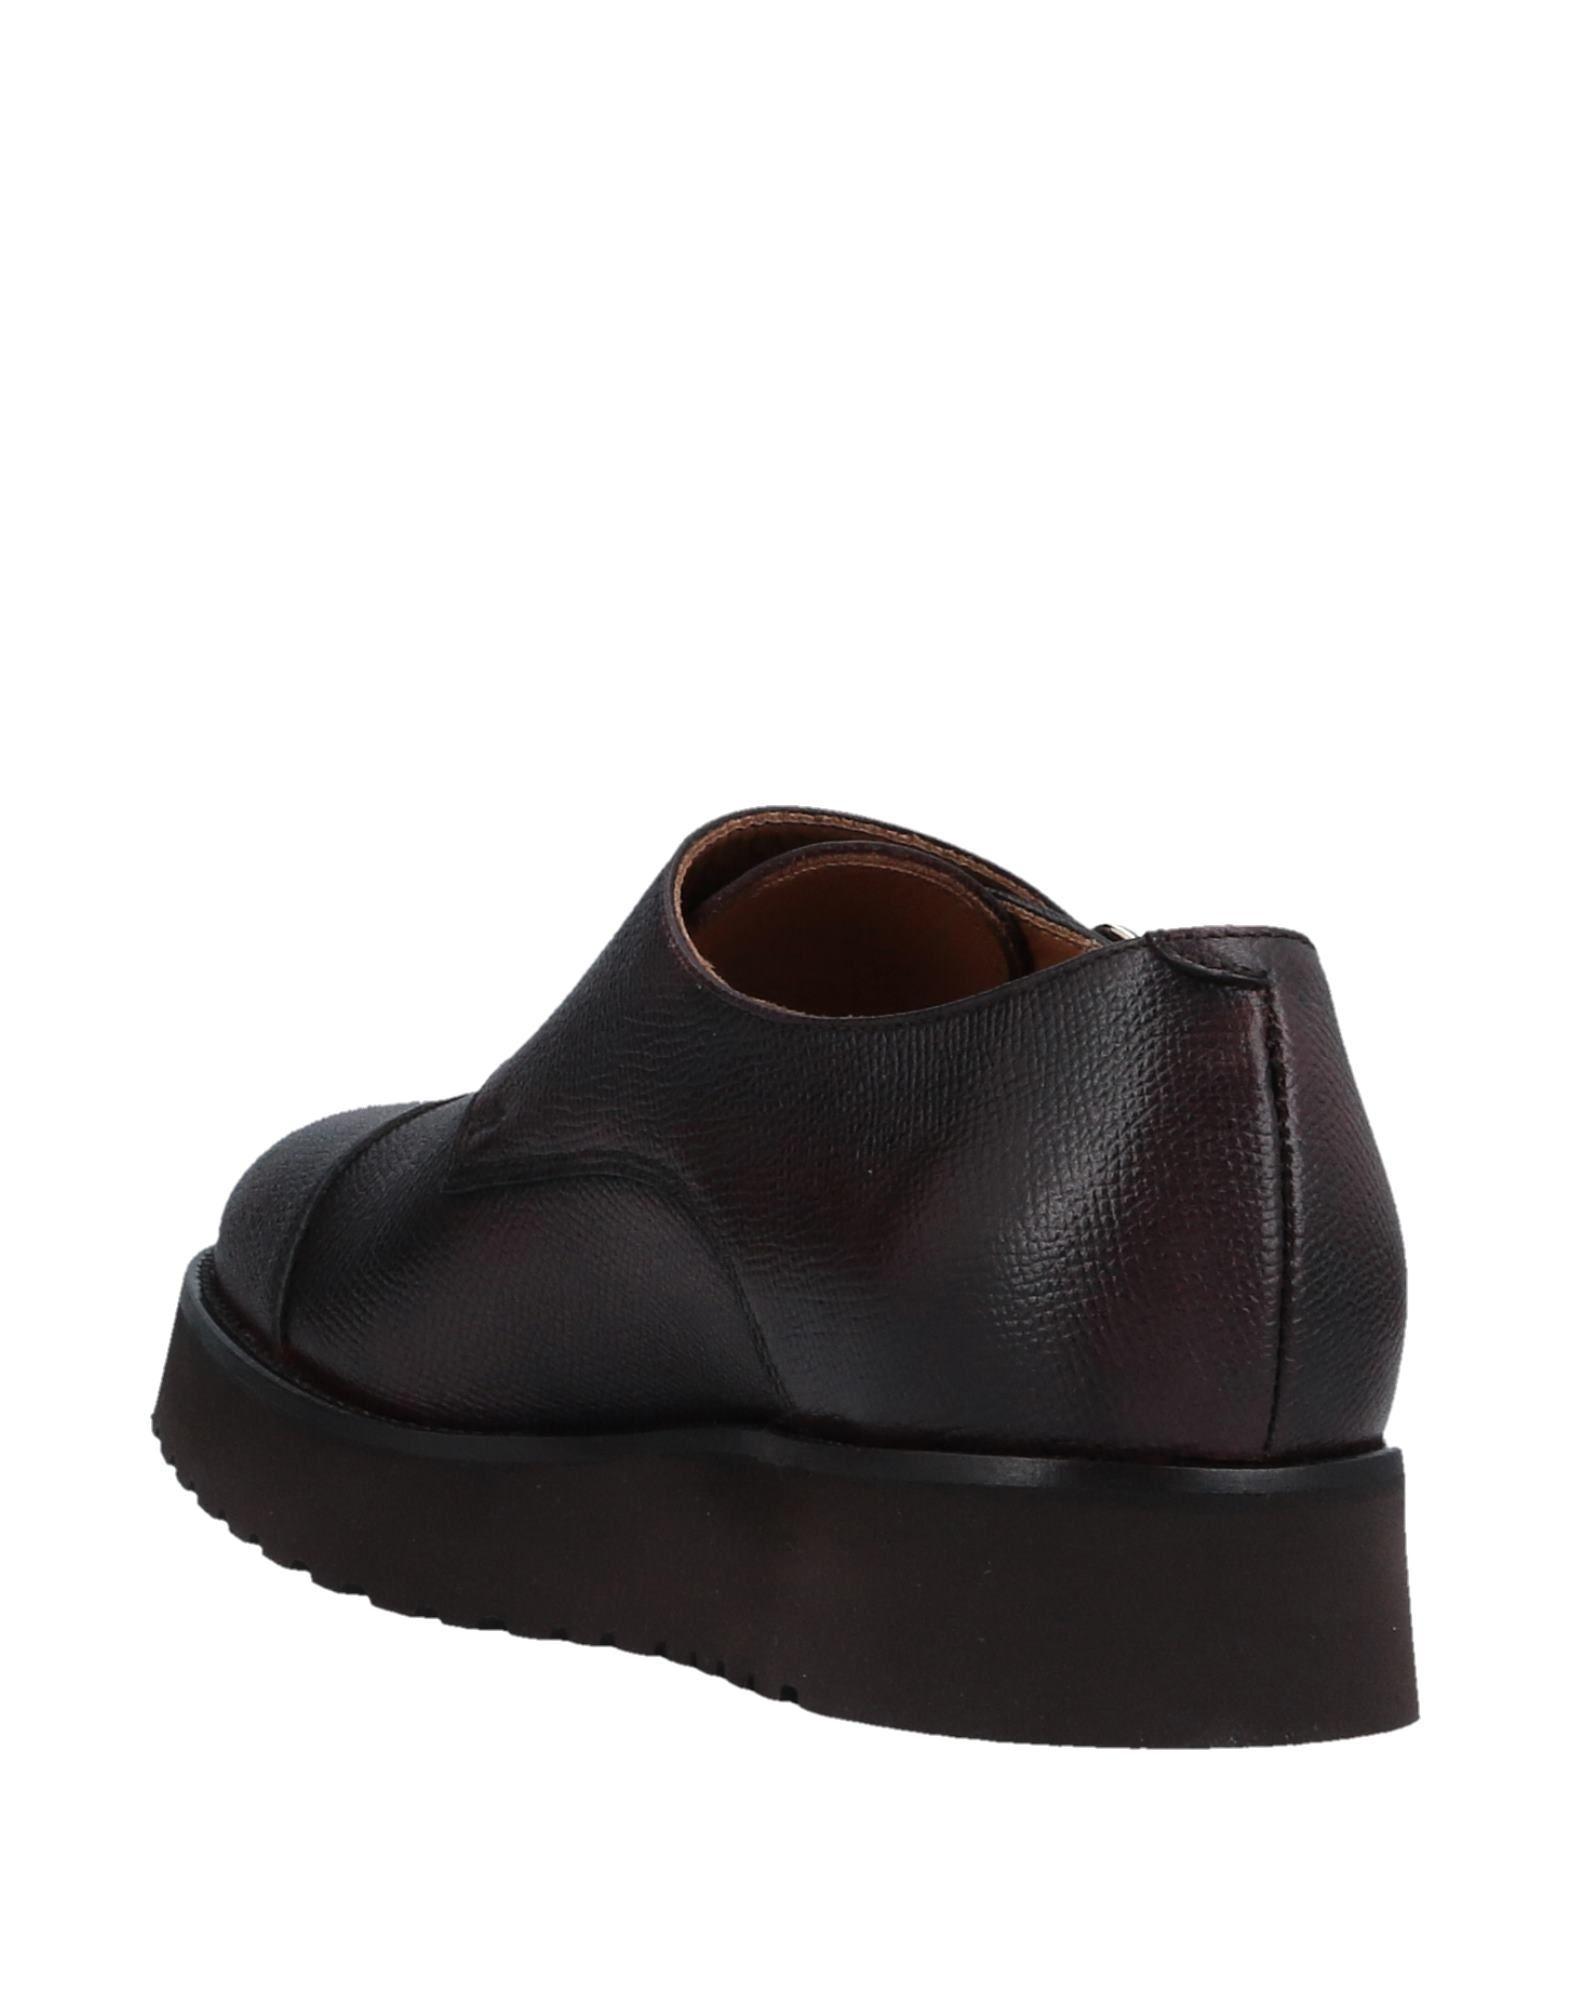 Doucal's Mokassins strapazierfähige Damen  11504643INGut aussehende strapazierfähige Mokassins Schuhe fa6902